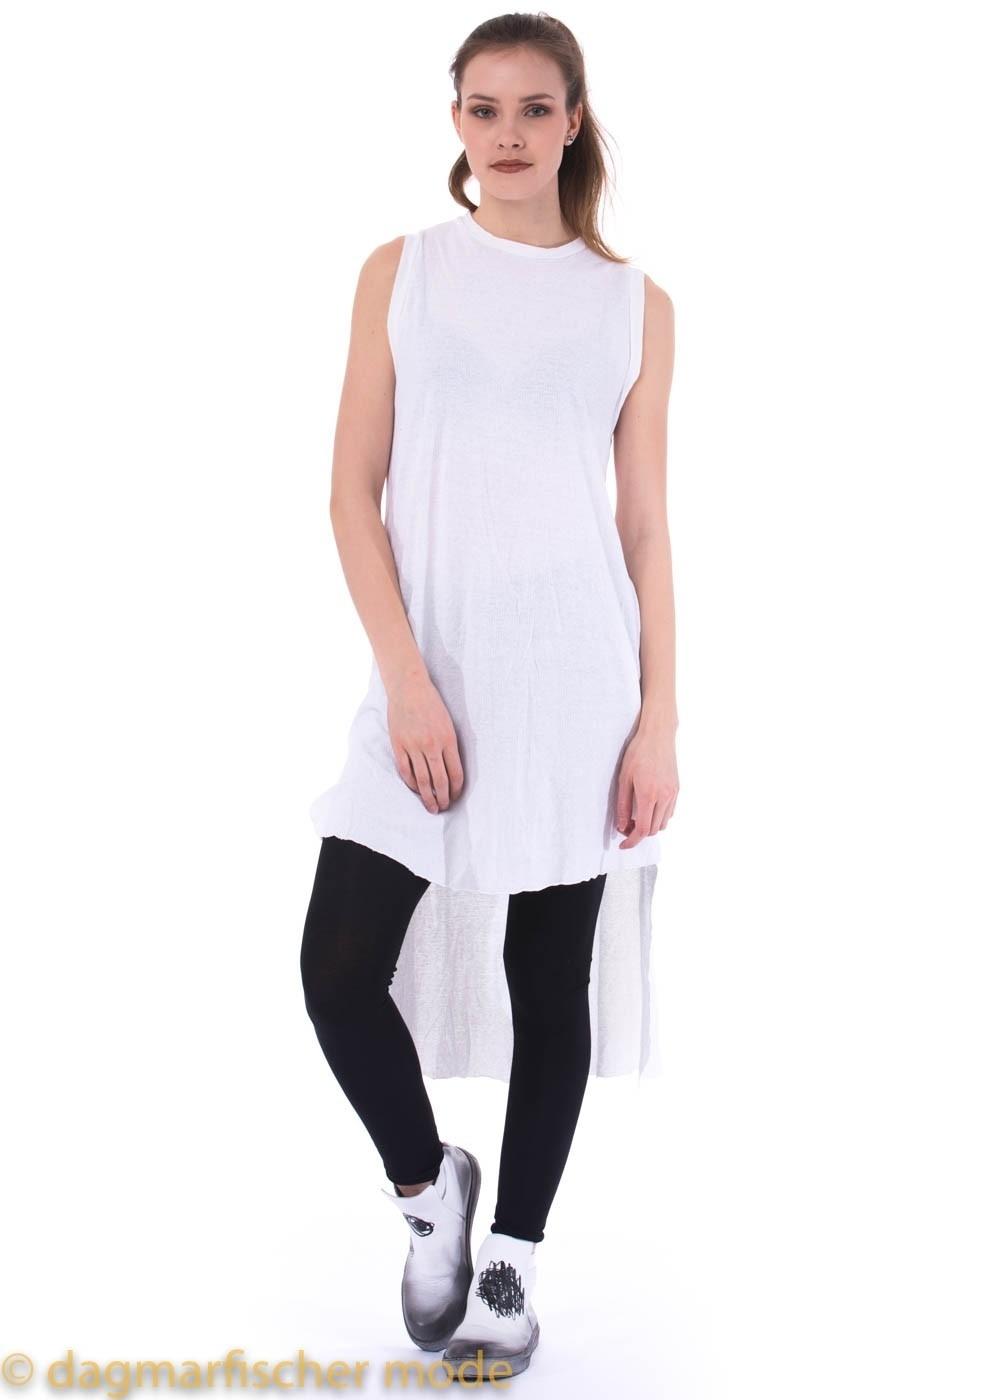 13 Genial Schlichtes Langes Kleid SpezialgebietDesigner Schön Schlichtes Langes Kleid Vertrieb